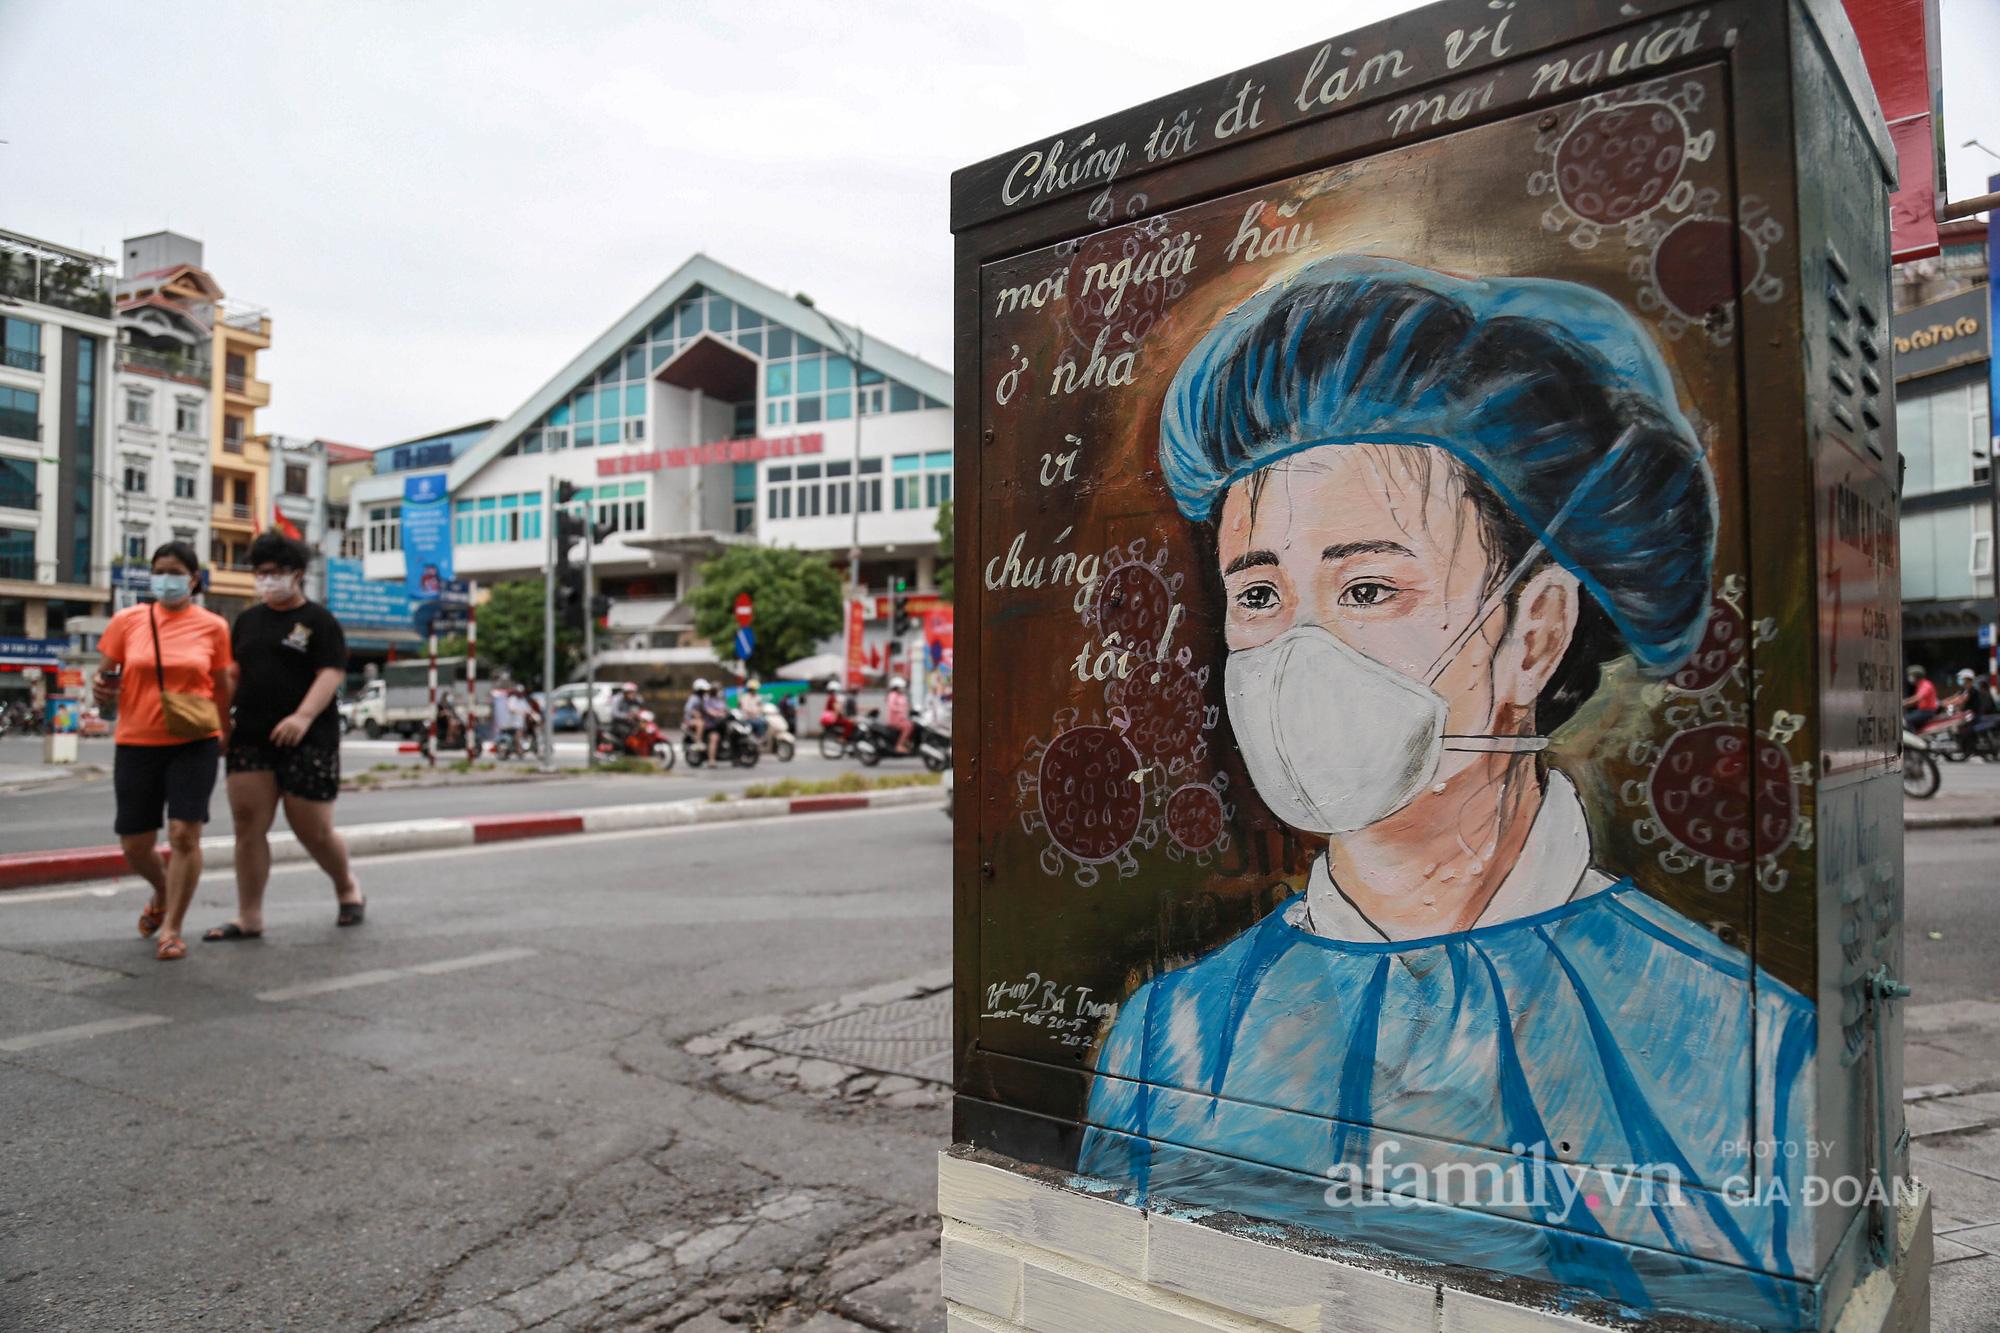 Hà Nội: Khi bốt điện biến thành những bức tranh cổ động đội ngũ y, bác sĩ chống dịch - Ảnh 1.